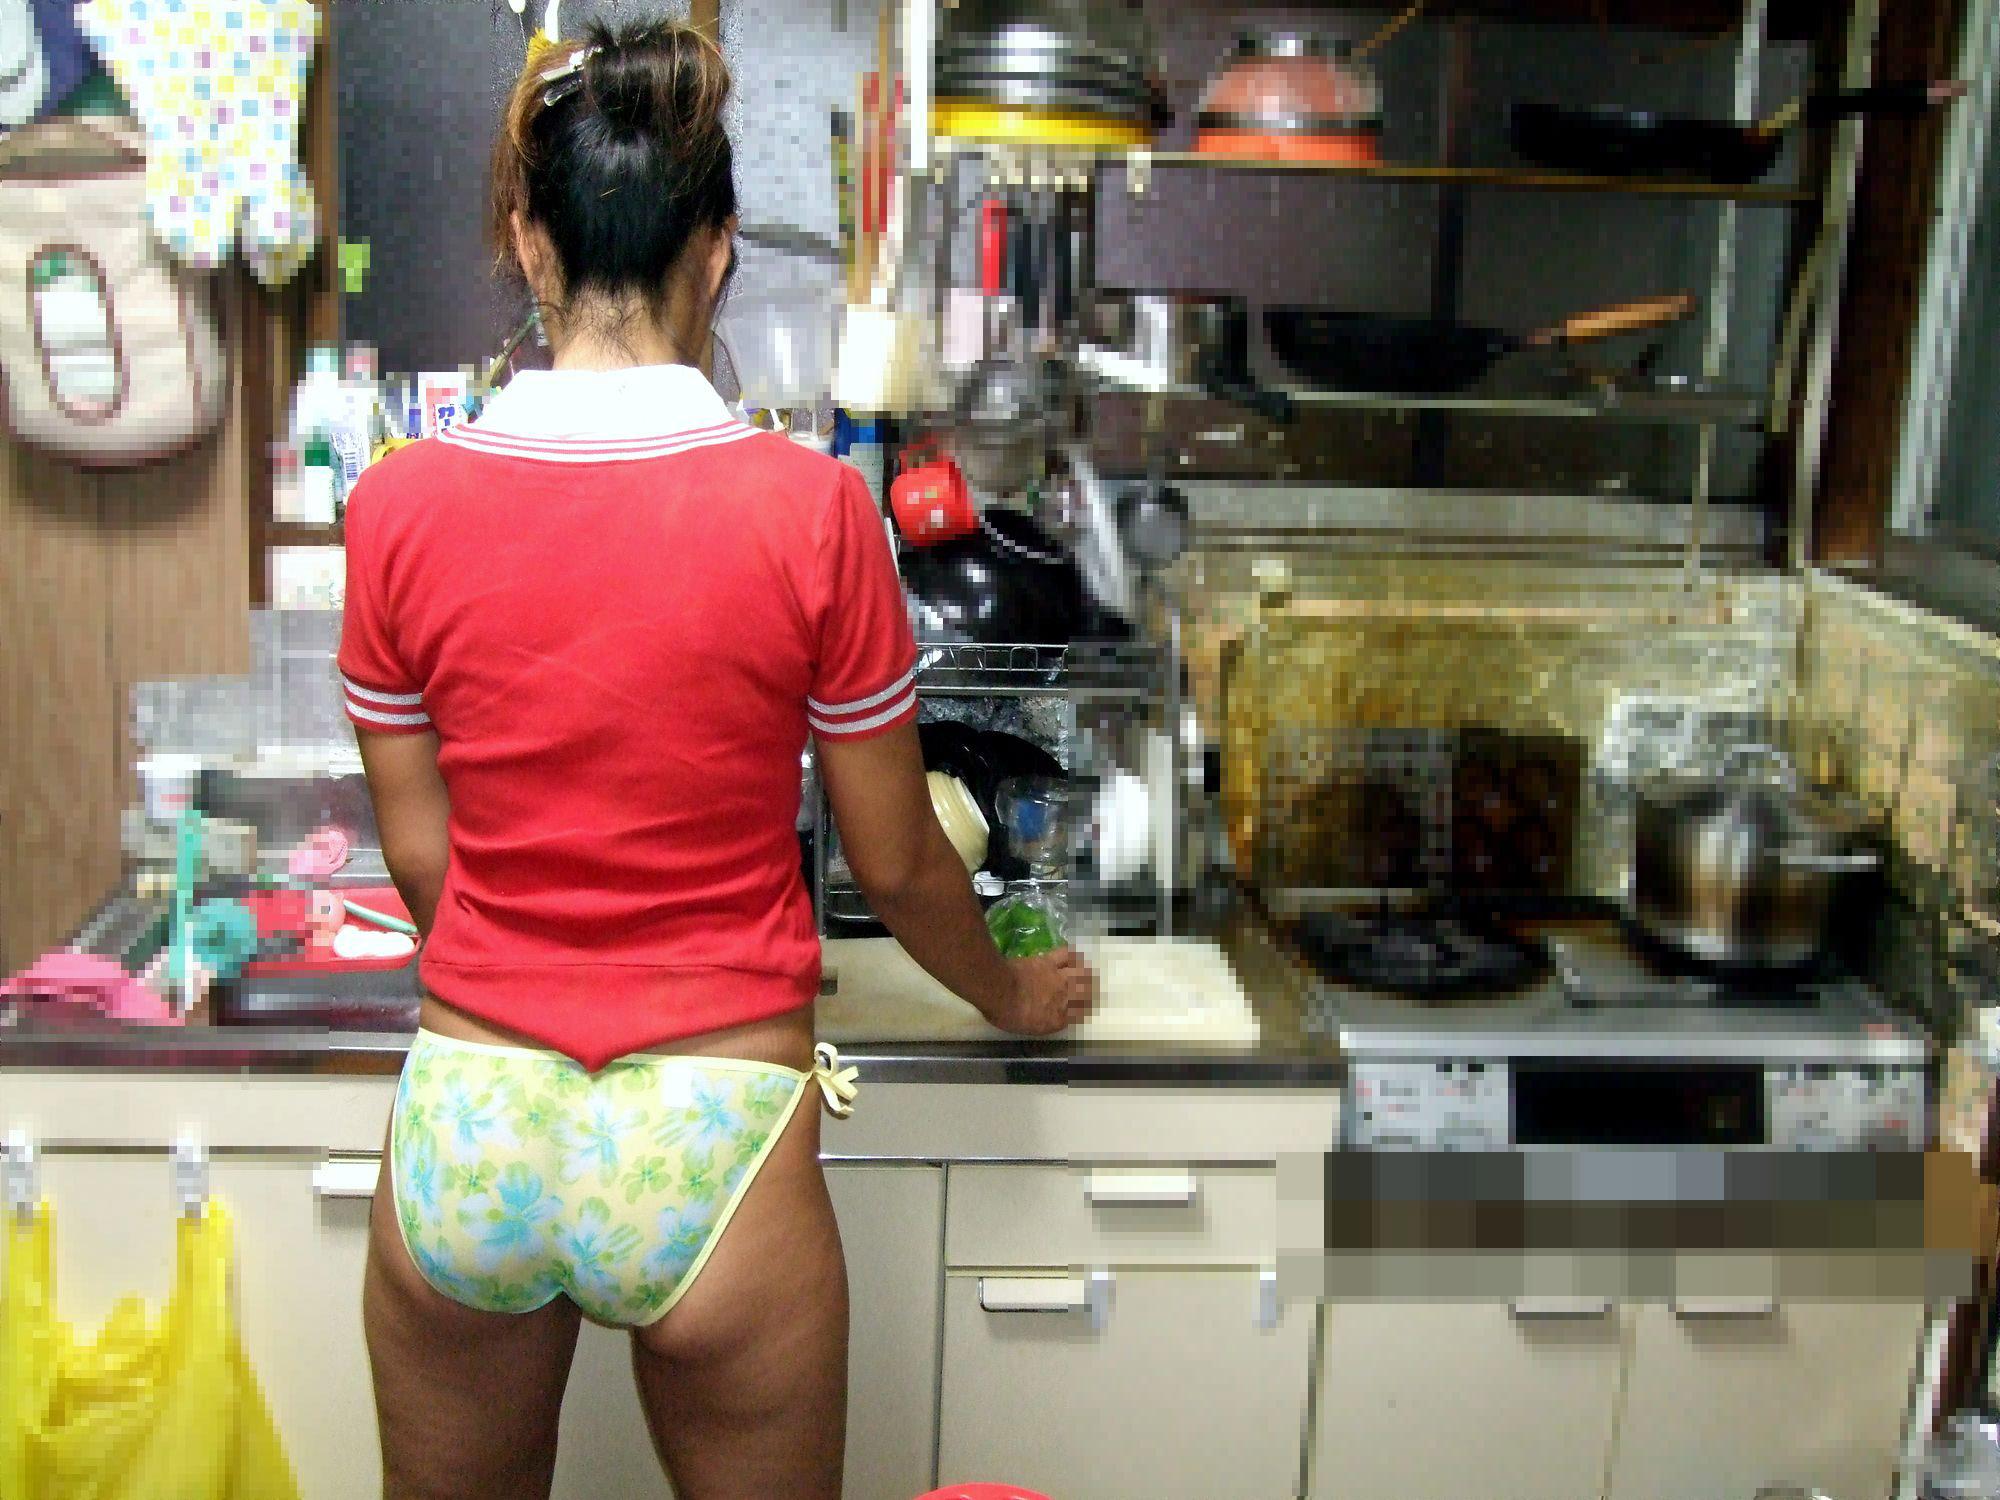 専業主婦 炊事 洗濯 掃除 家庭内 働く女性 エロ画像【2】